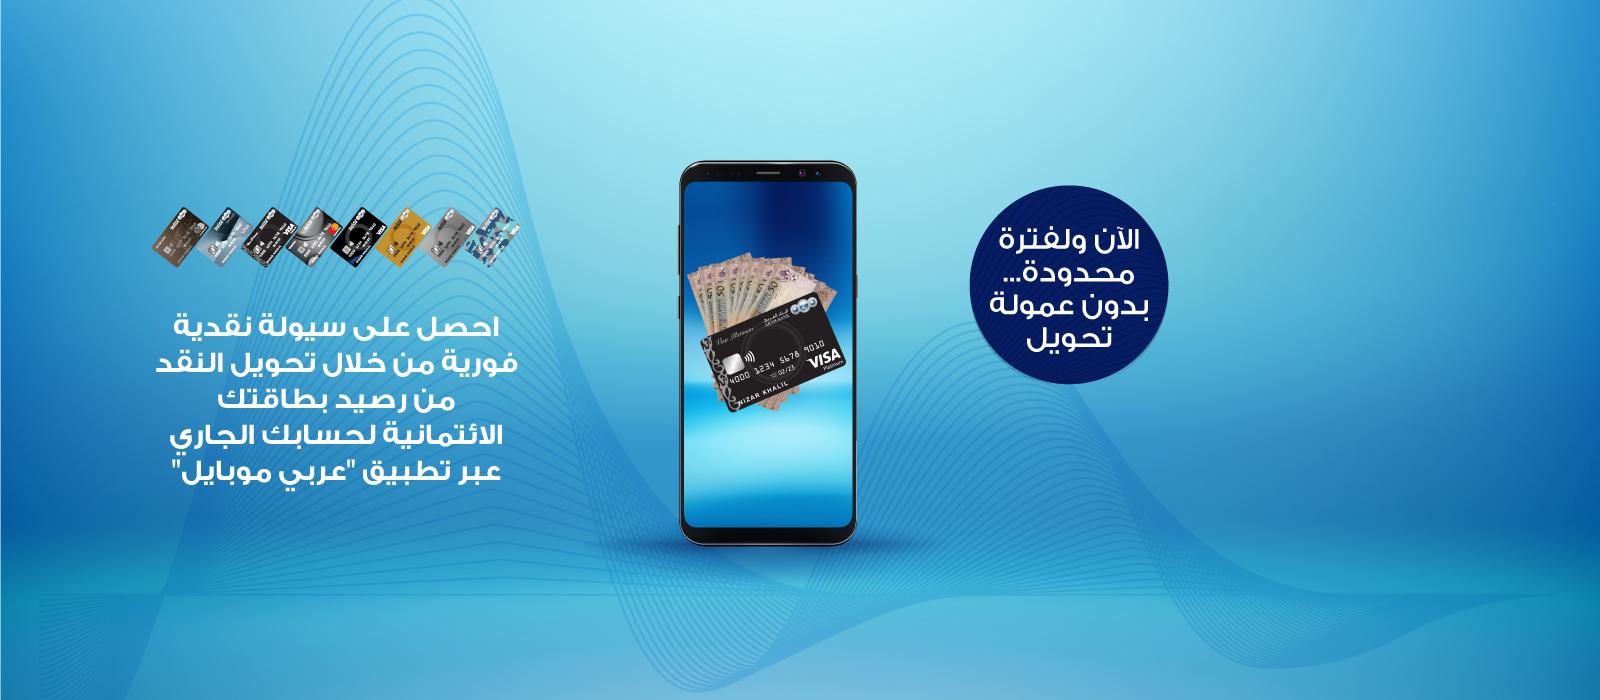 Website-Banner-1600x700-Jordan-A